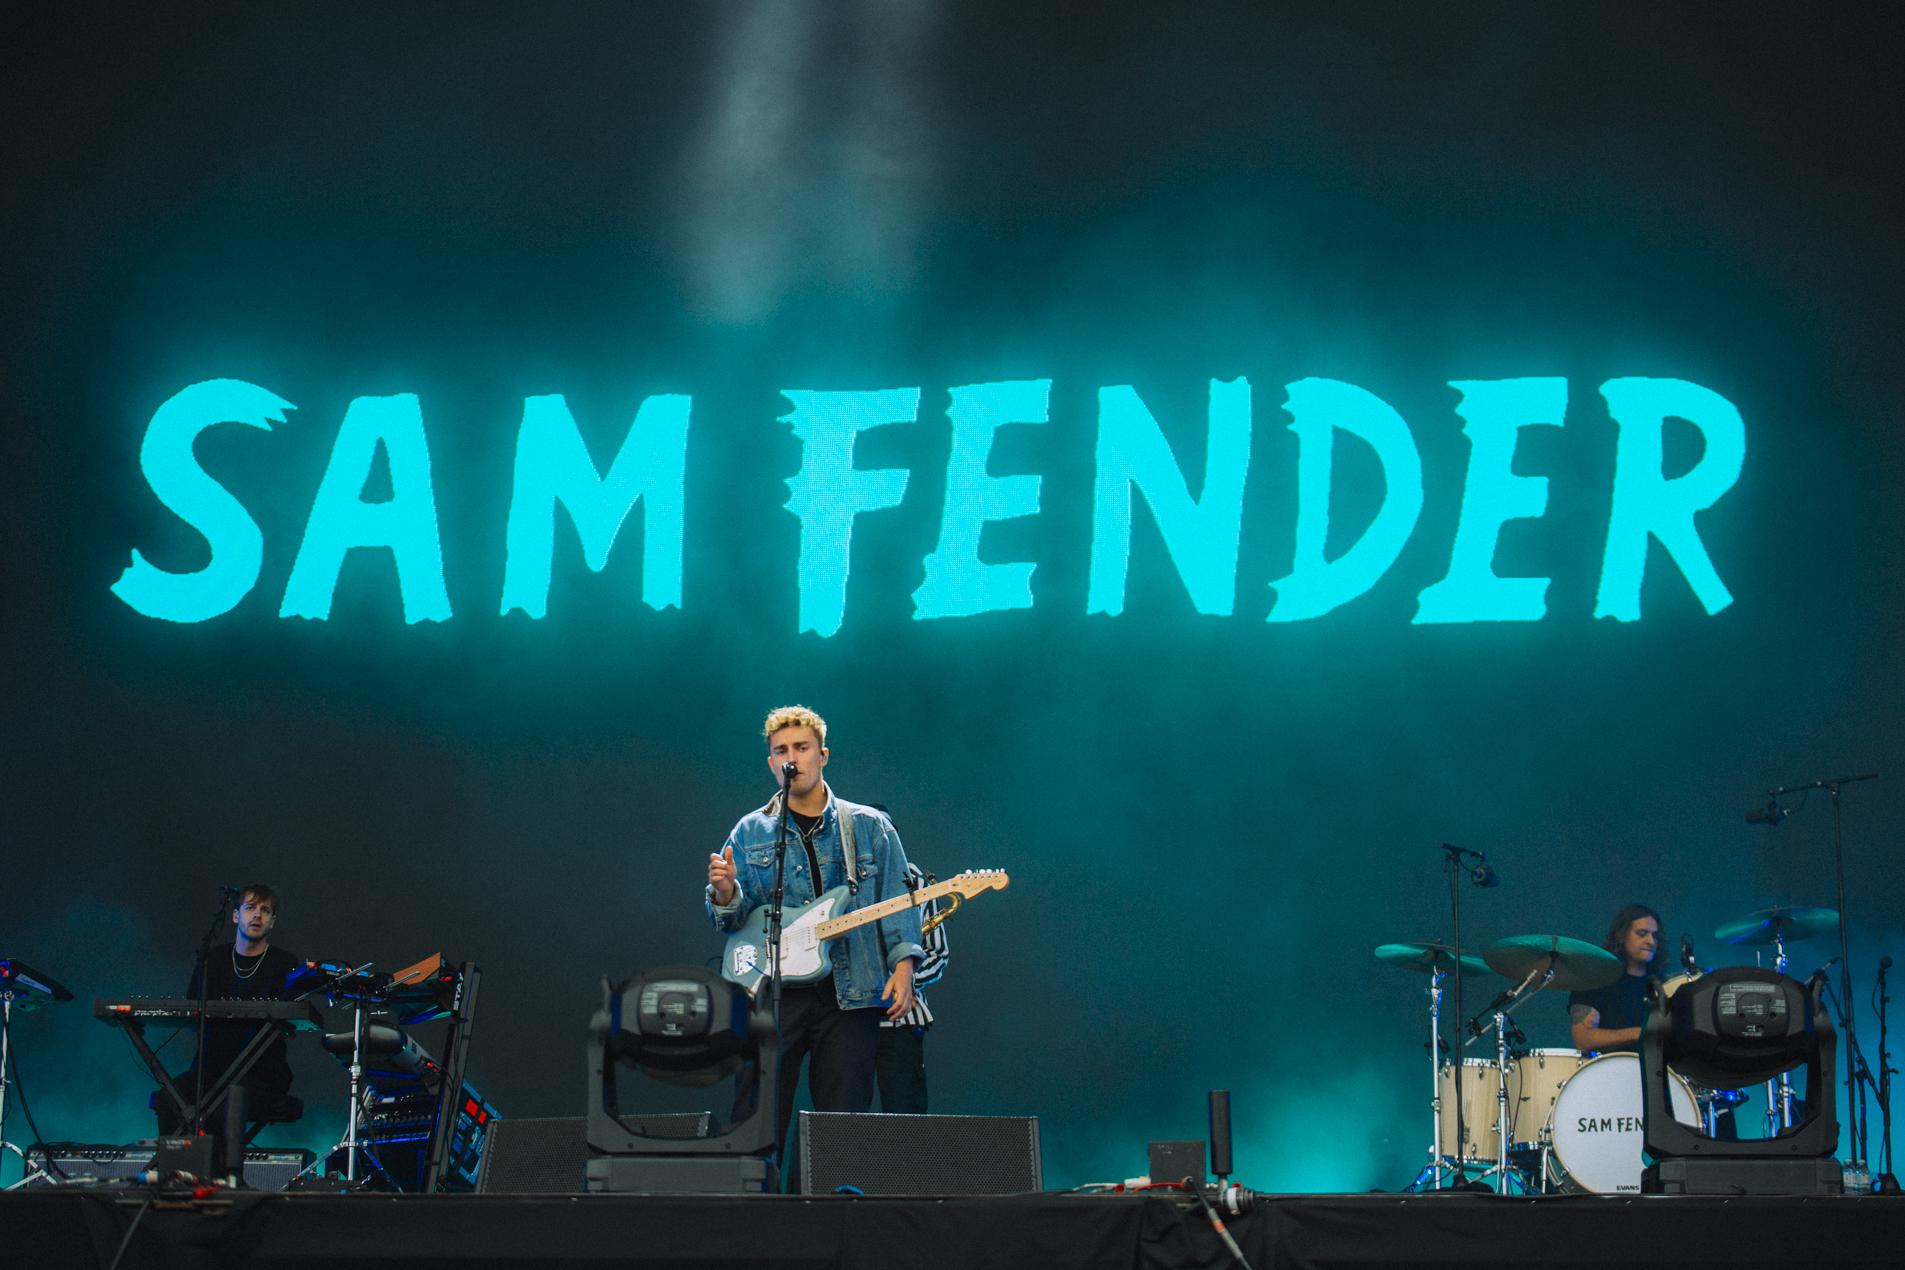 Sam Fender live at Reading 2021. Credit: Emma Viola Lilja for NME